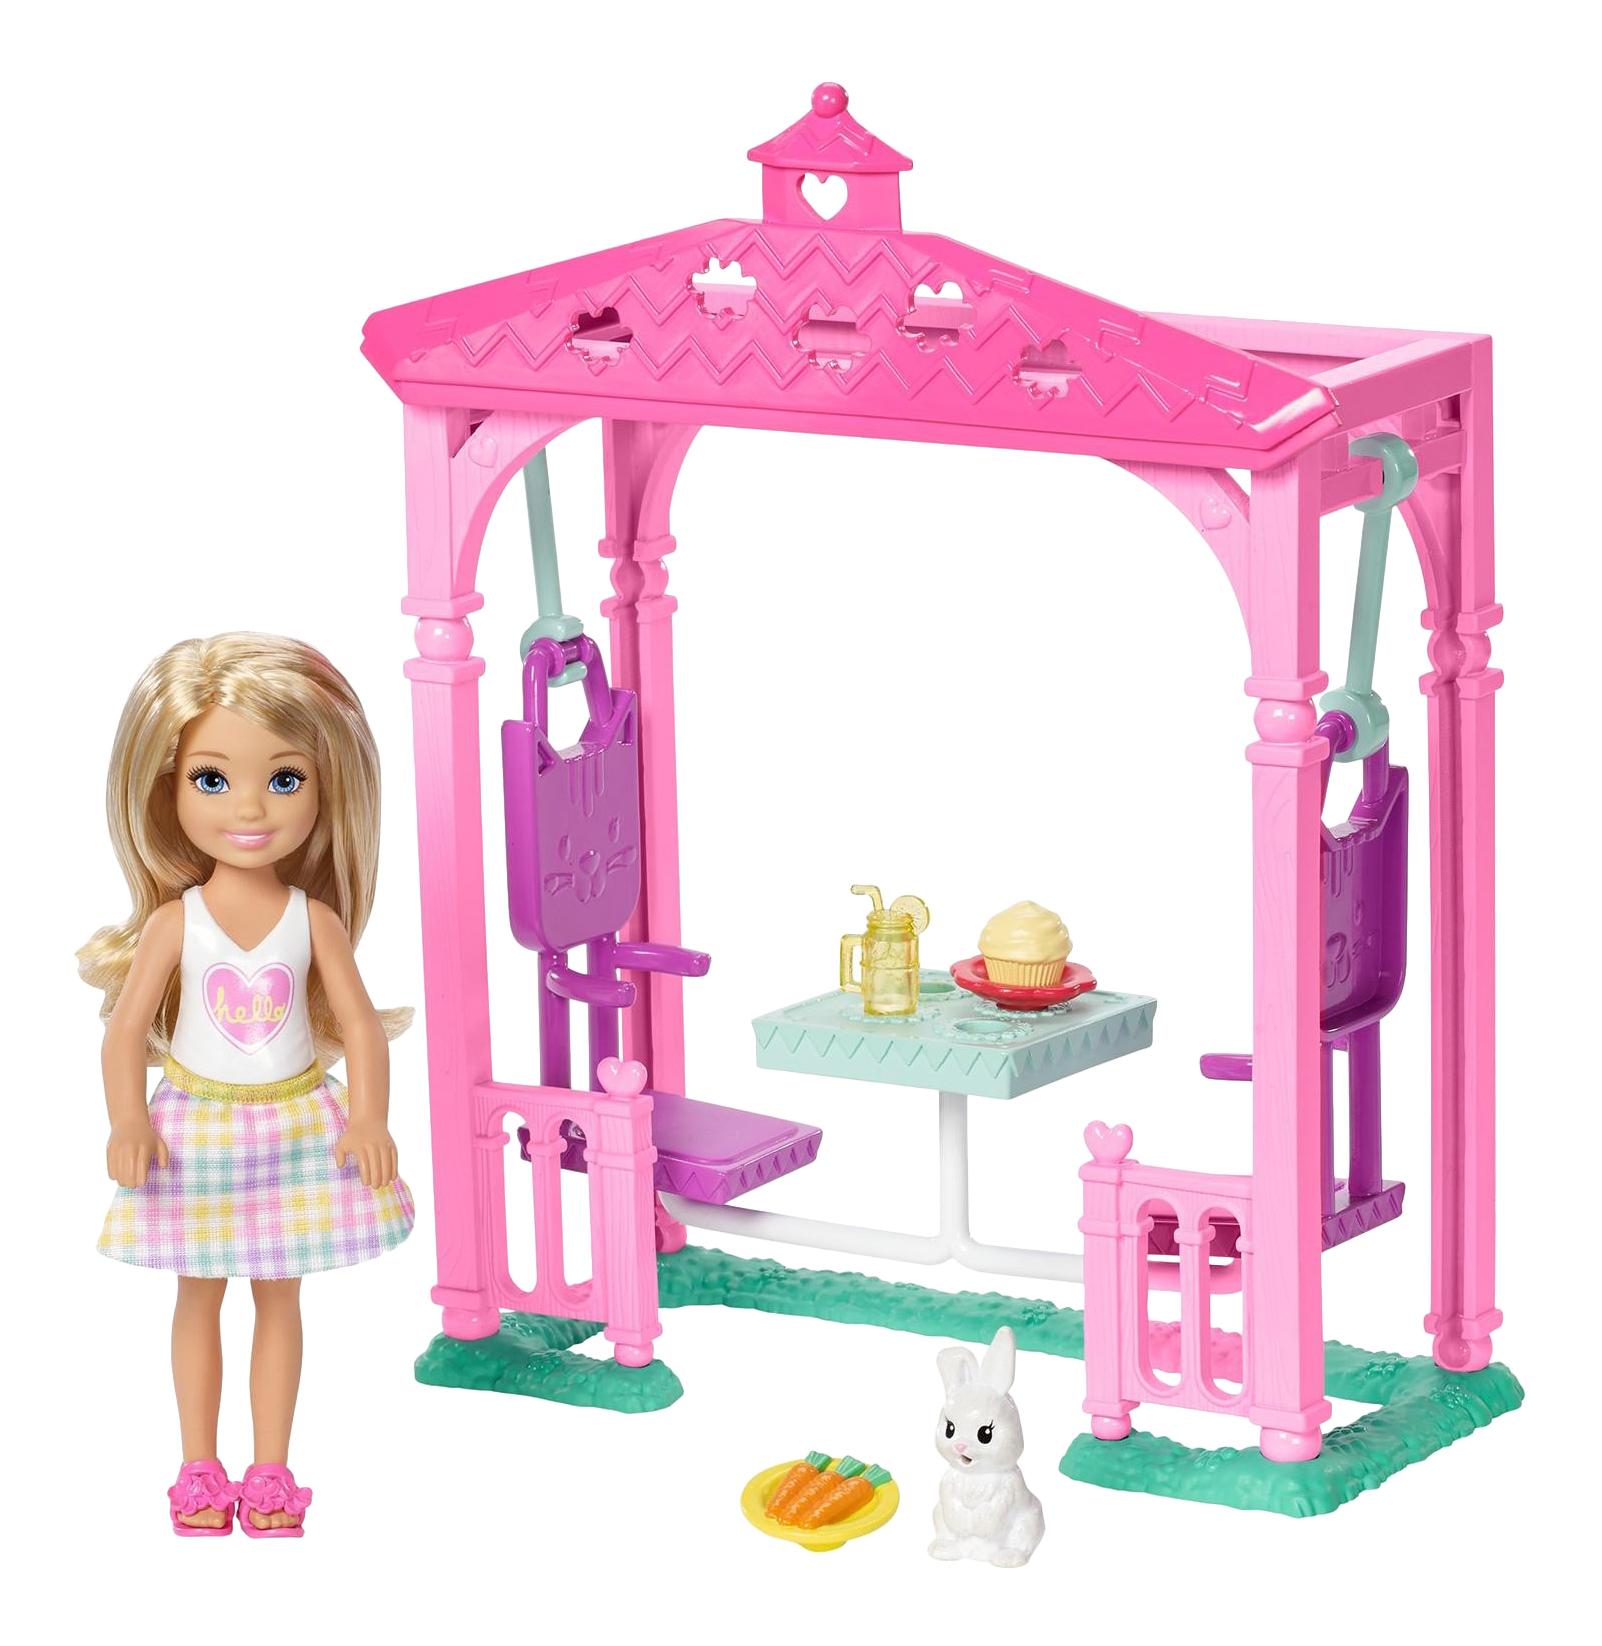 Купить Игровой набор FDB34 Barbie Челси и набор мебели, Куклы Barbie